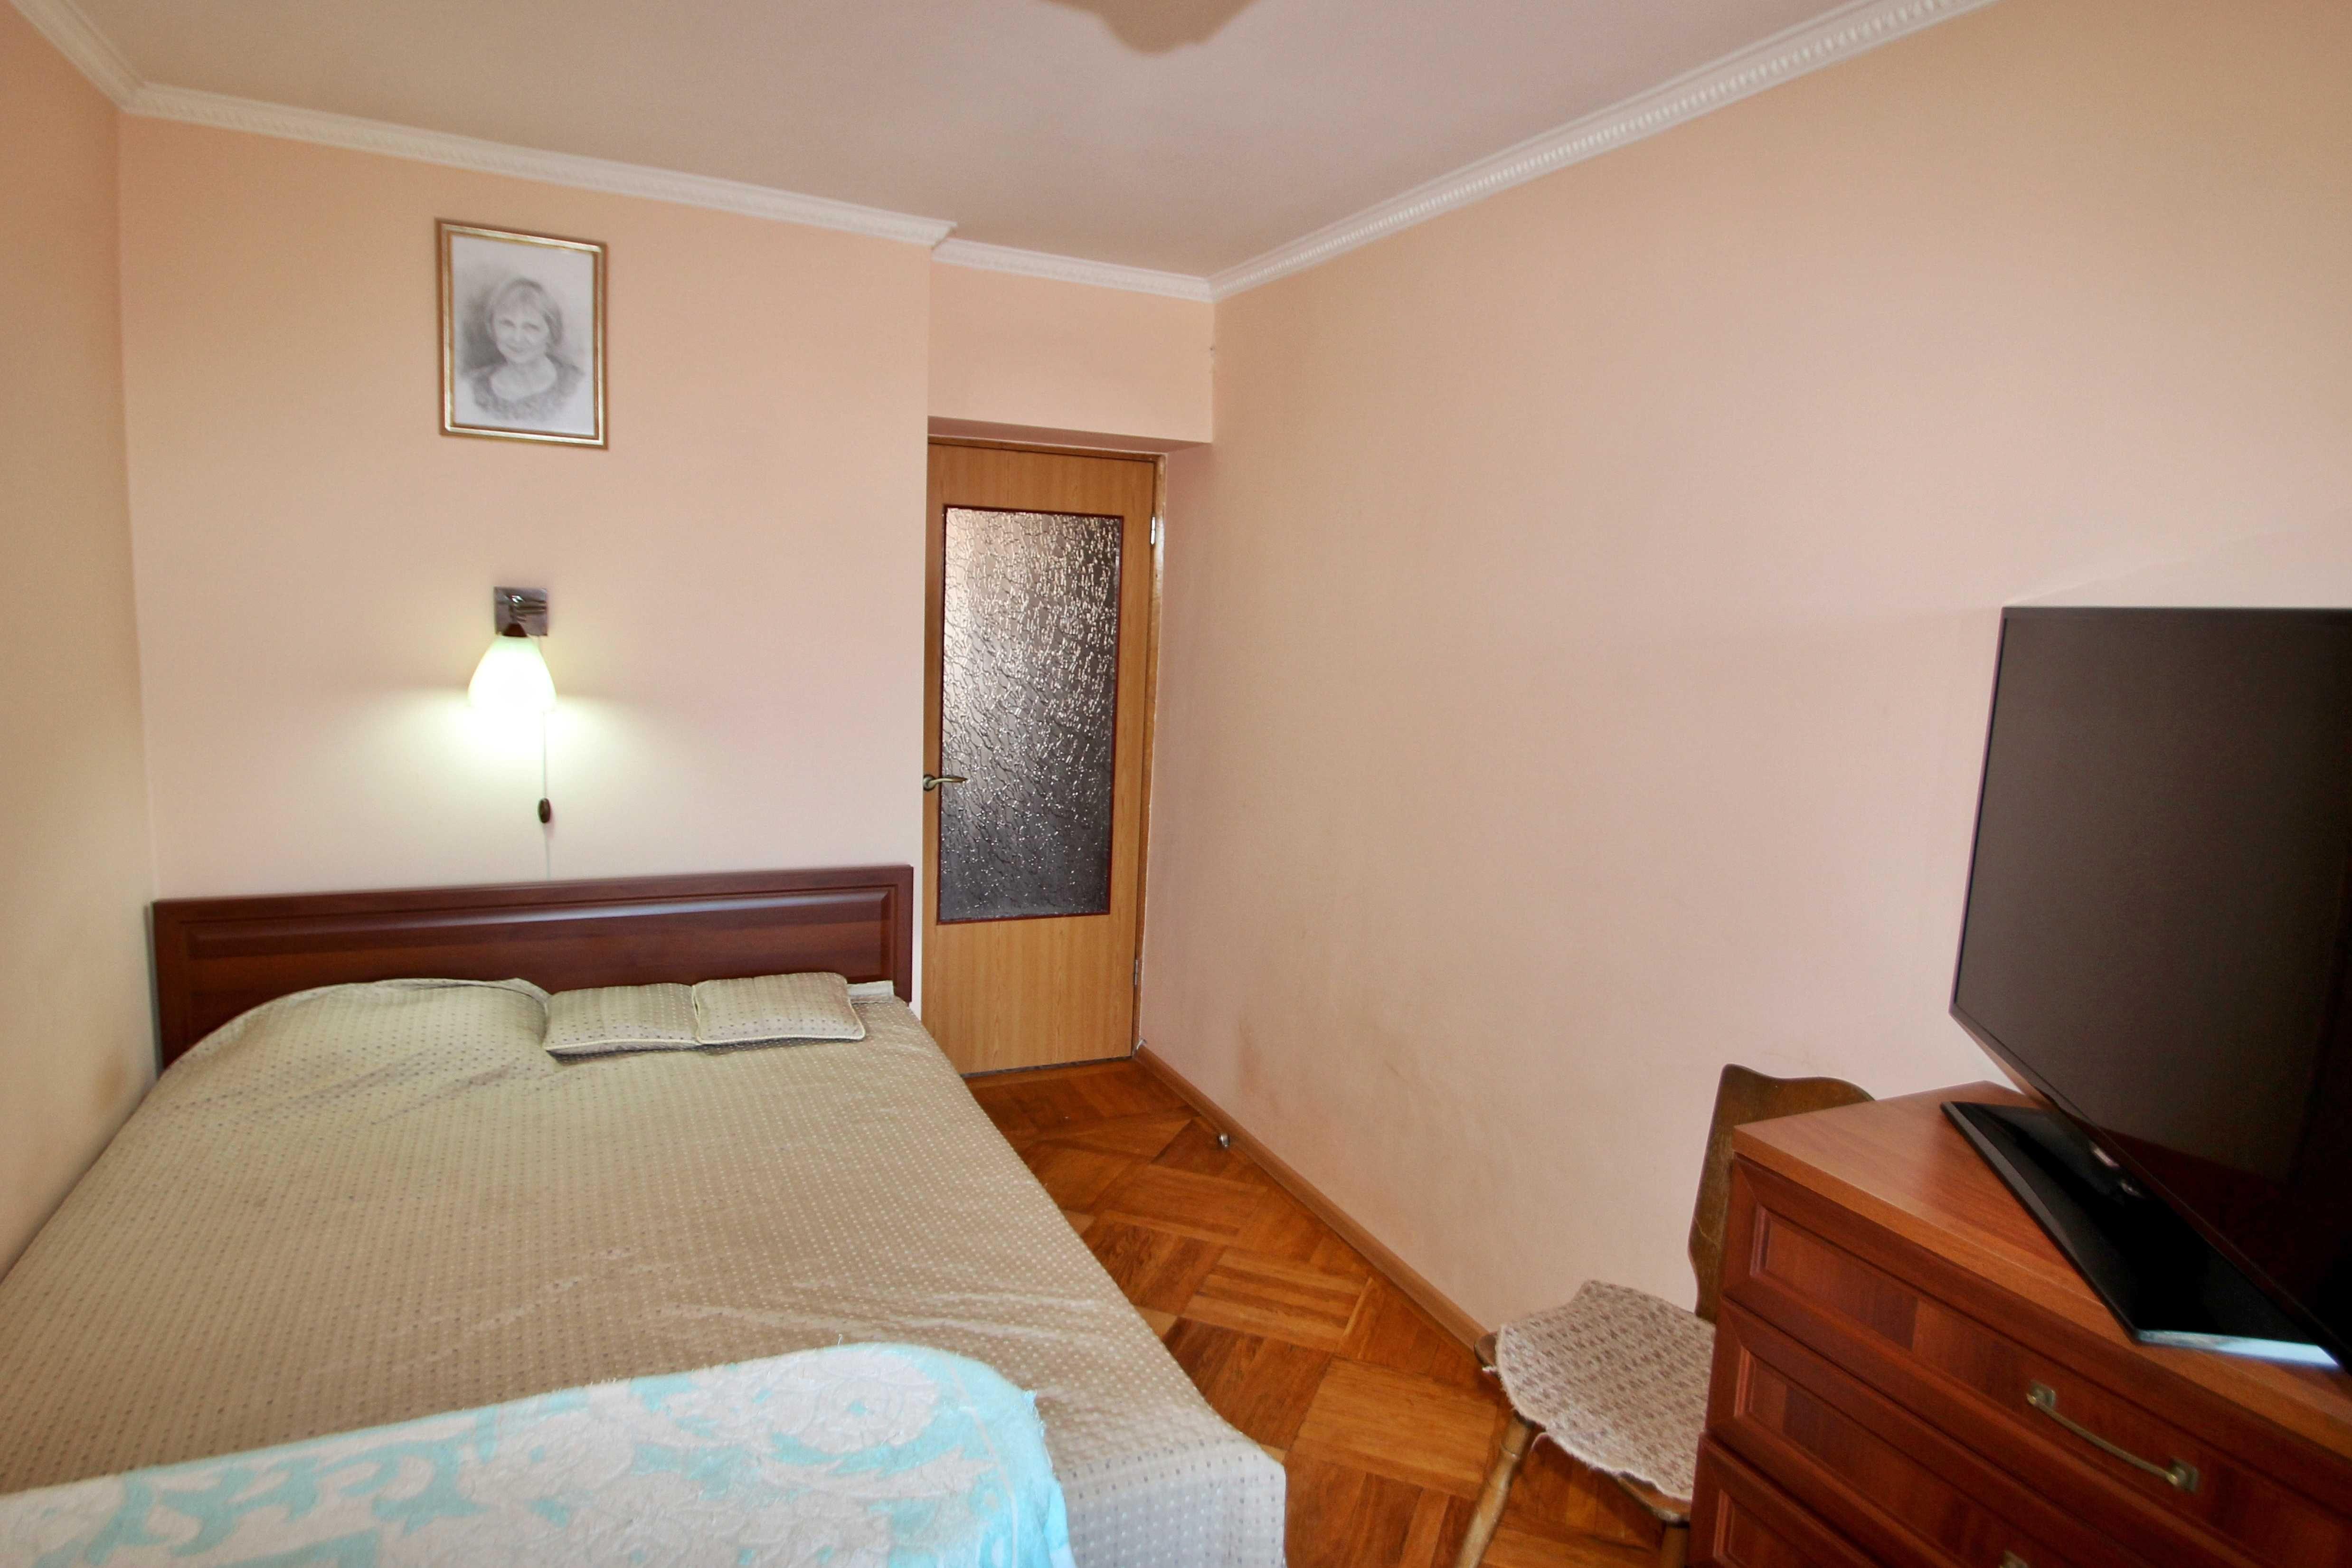 3-комнатная квартира с видом на Парк Победы ул.Пионерская/Говорова